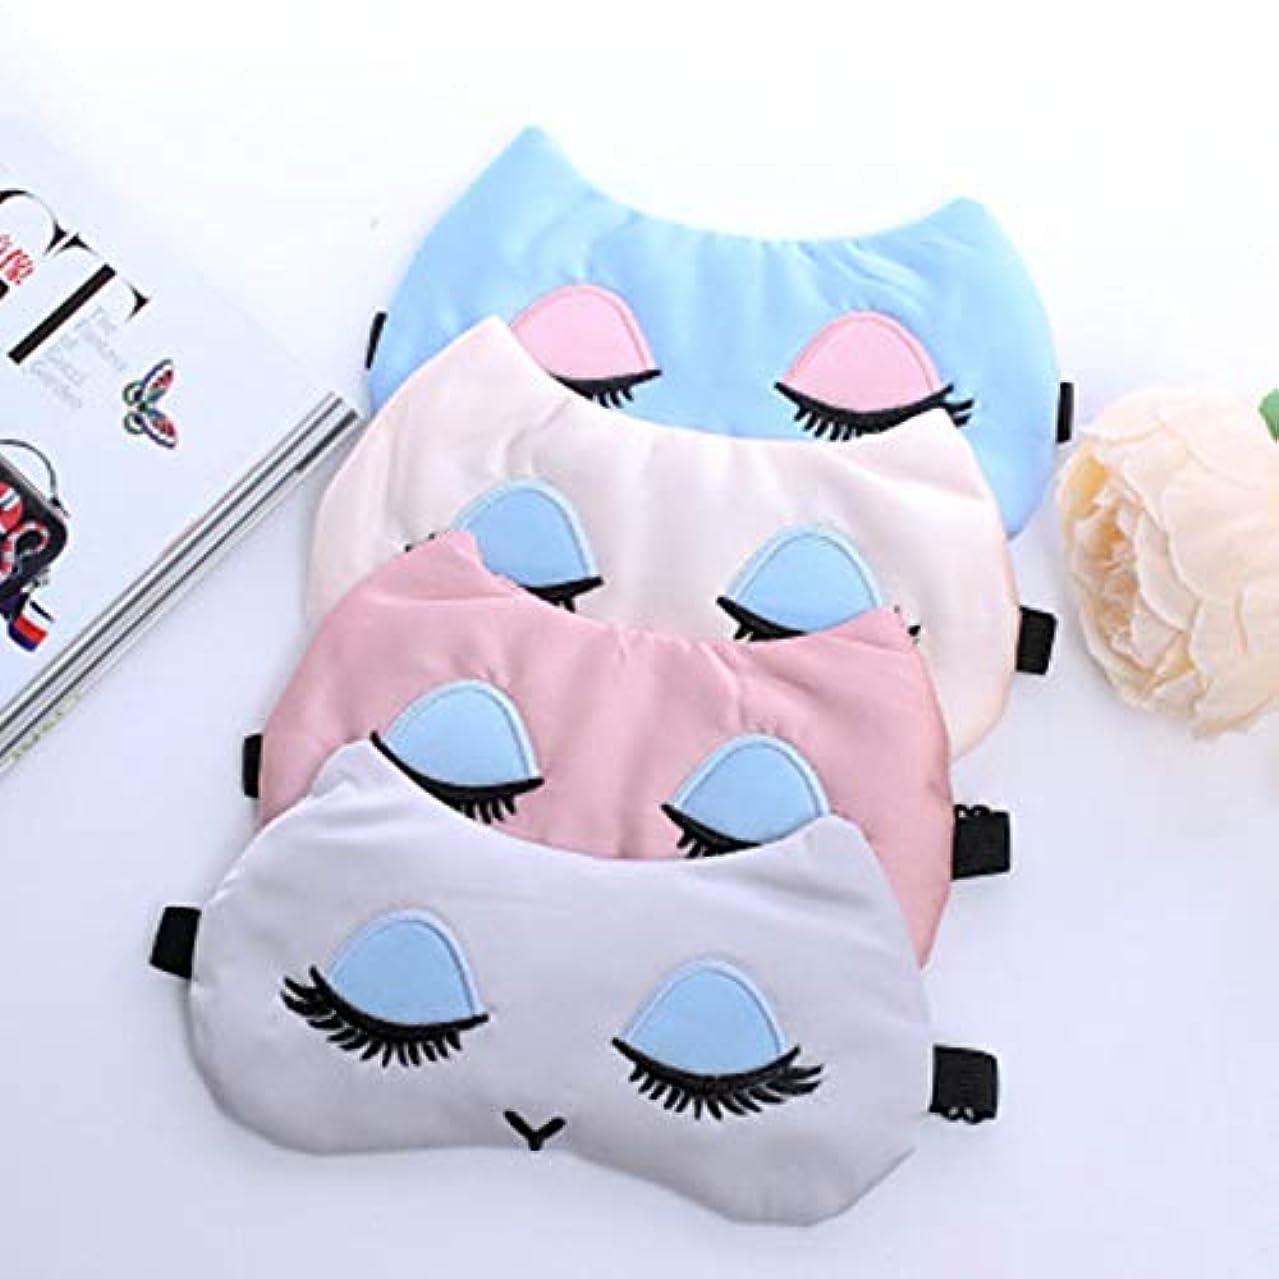 限定野球手入れNOTE ATOMUSかわいいシルクガールズアイパッチ猫の形状睡眠シェードマスクポータブルトラベルアイカバーピンク/グレー